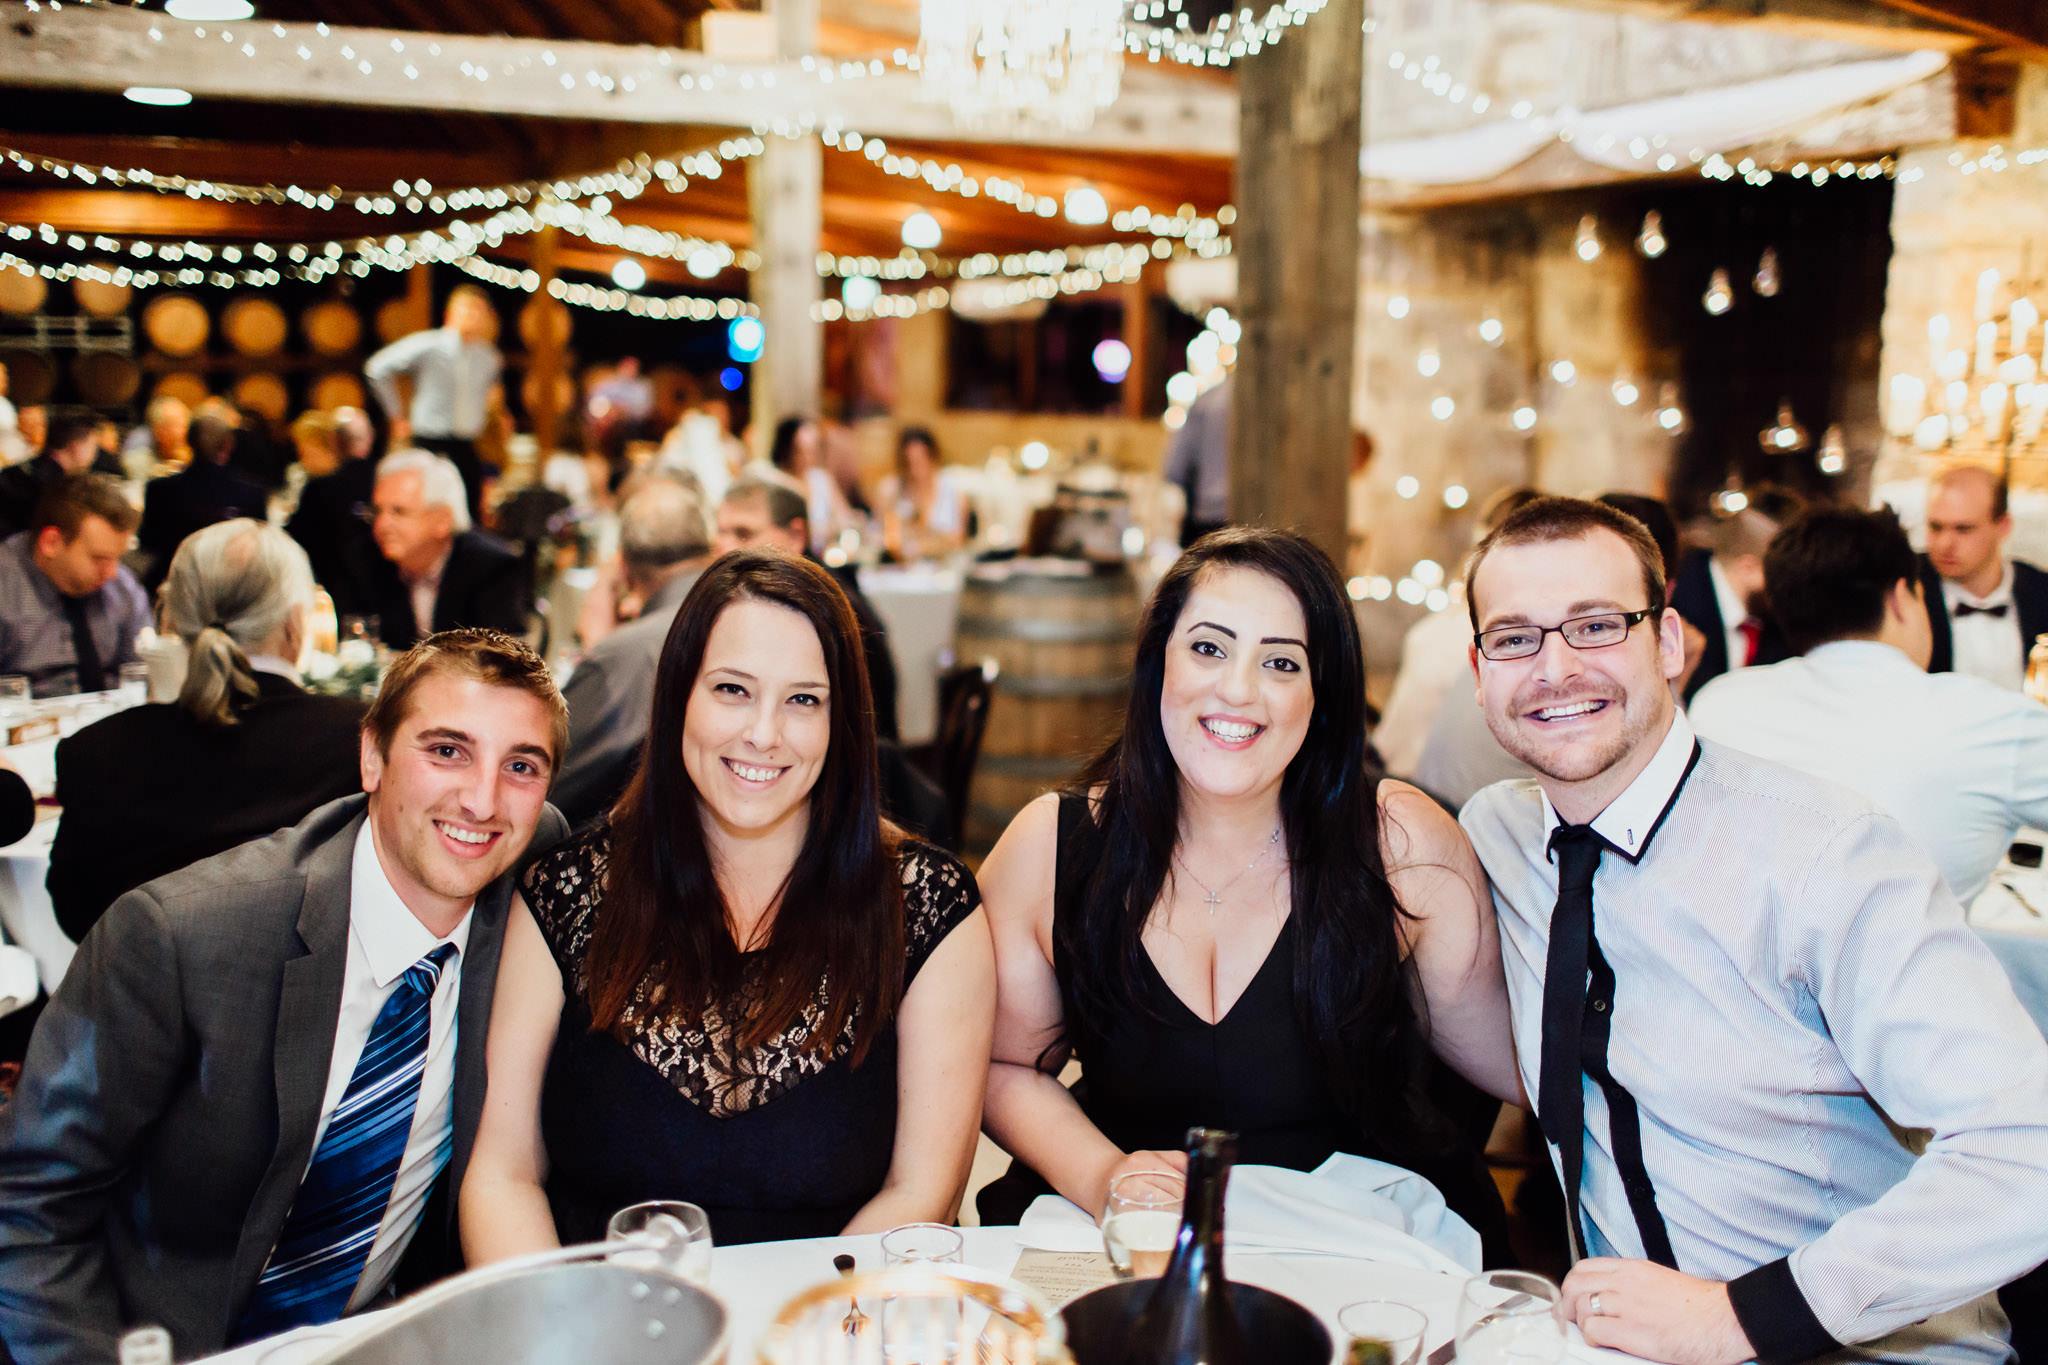 WeddingPhotos_Facebook_2048pixels-1130.jpg